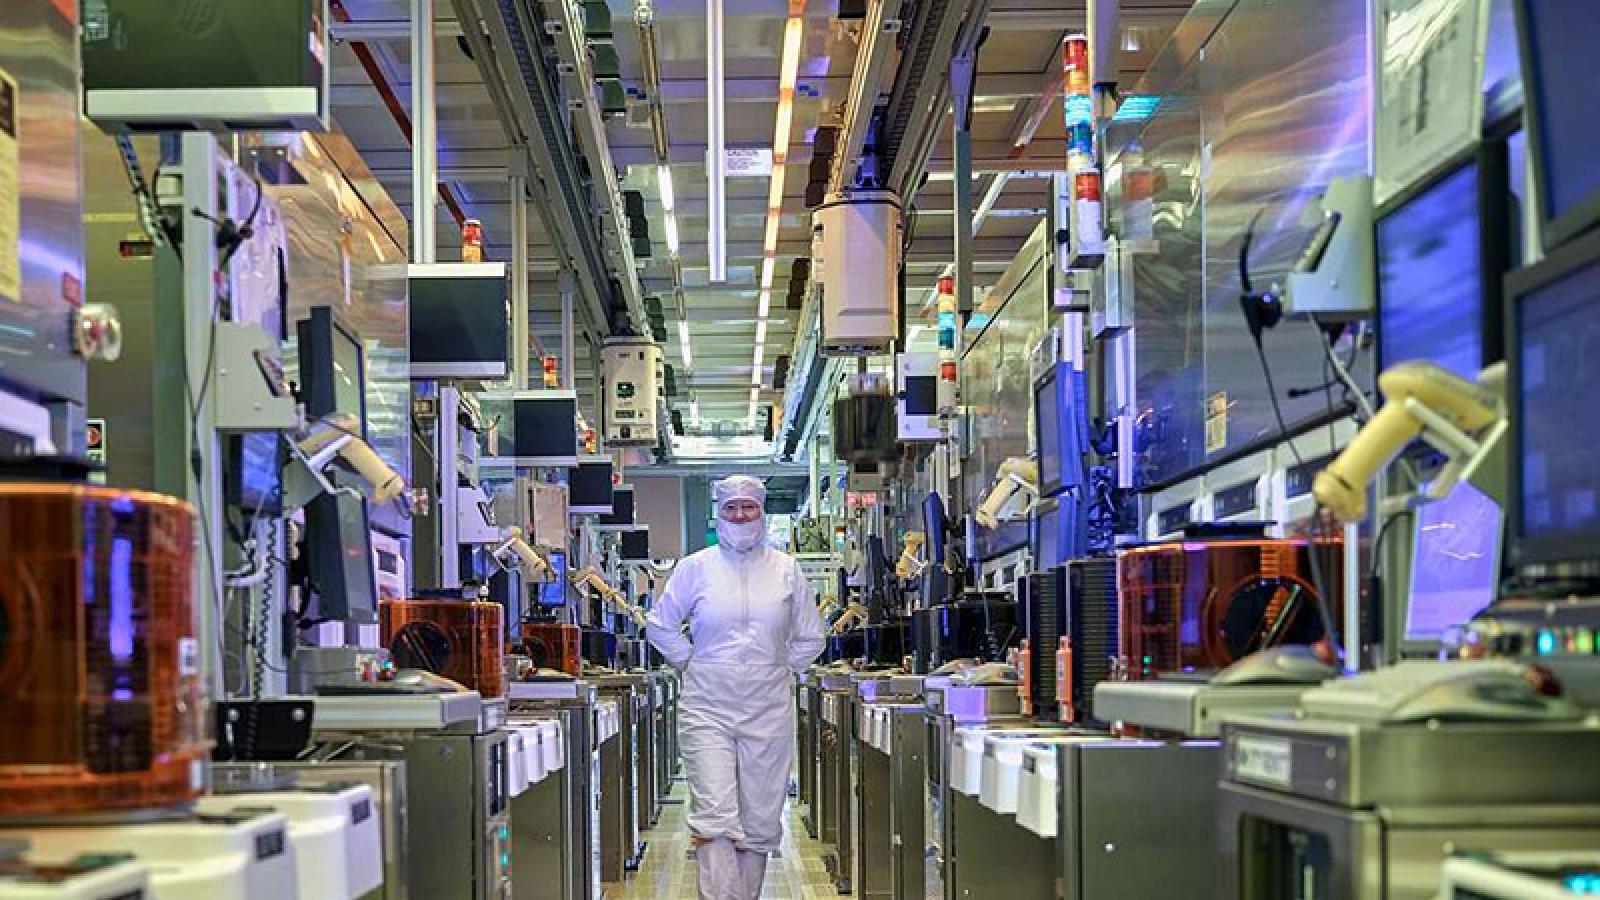 Cảnh báo về tình trạng thiếu hụt chip kéo dài đến năm 2023